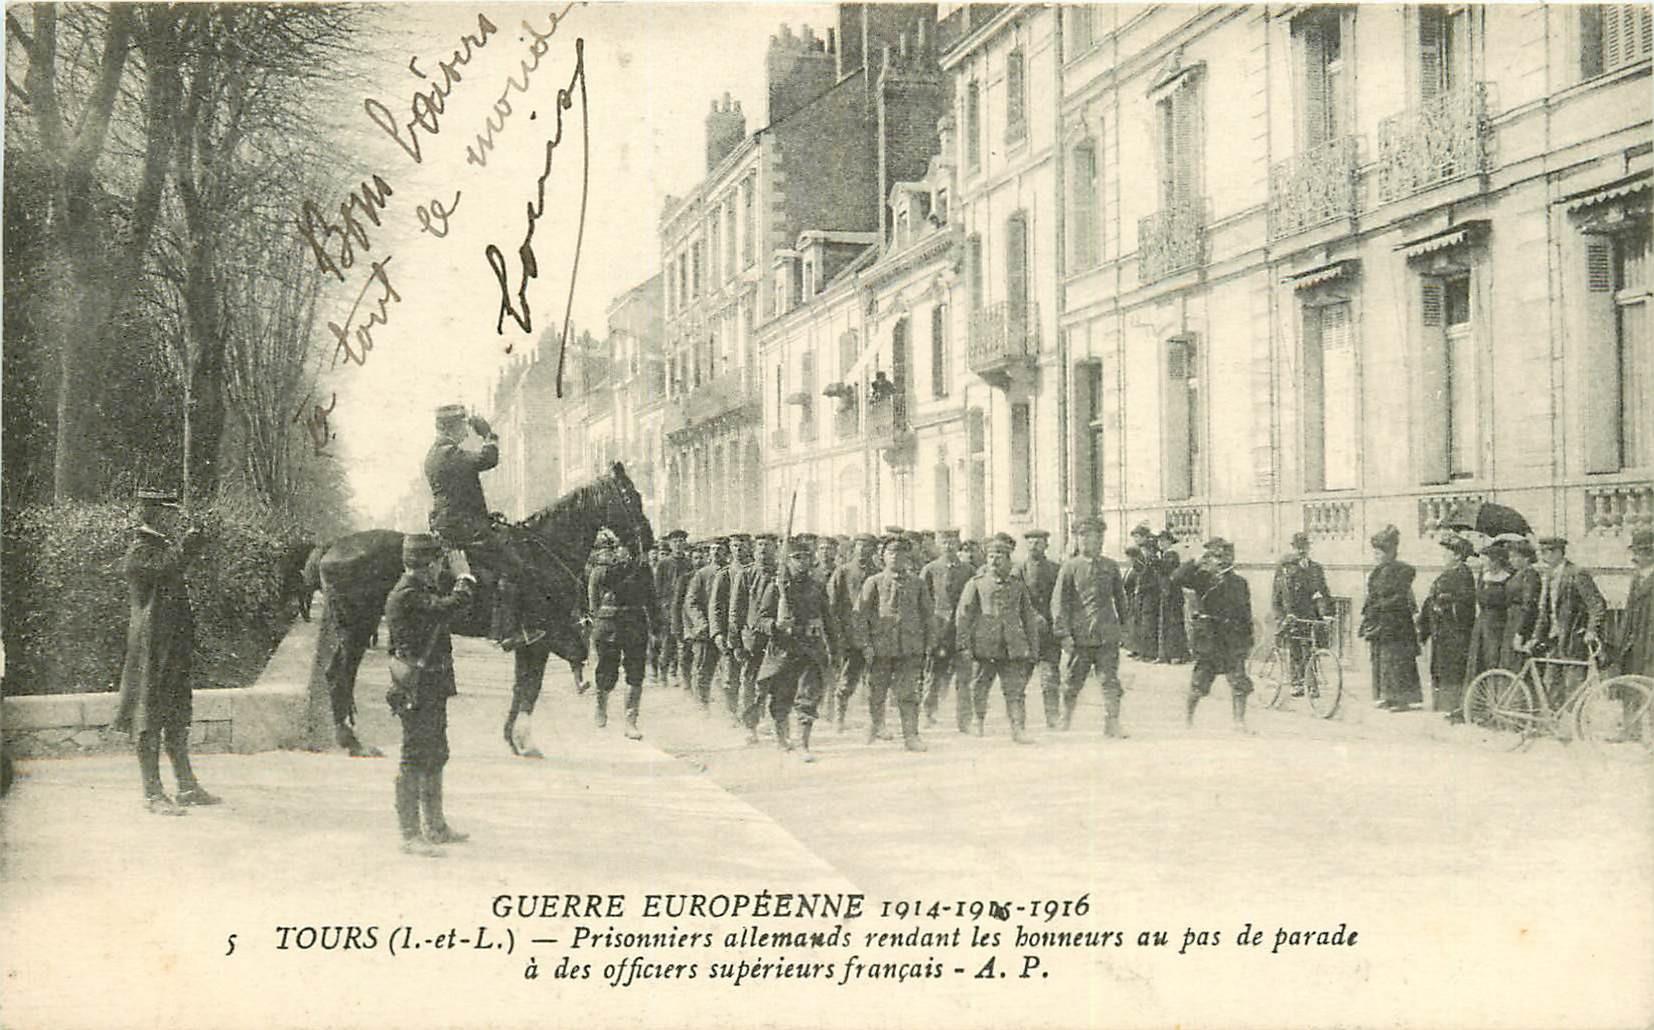 WW 37 TOURS. Prisonniers allemands rendant les honneurs au pas de parade 1916